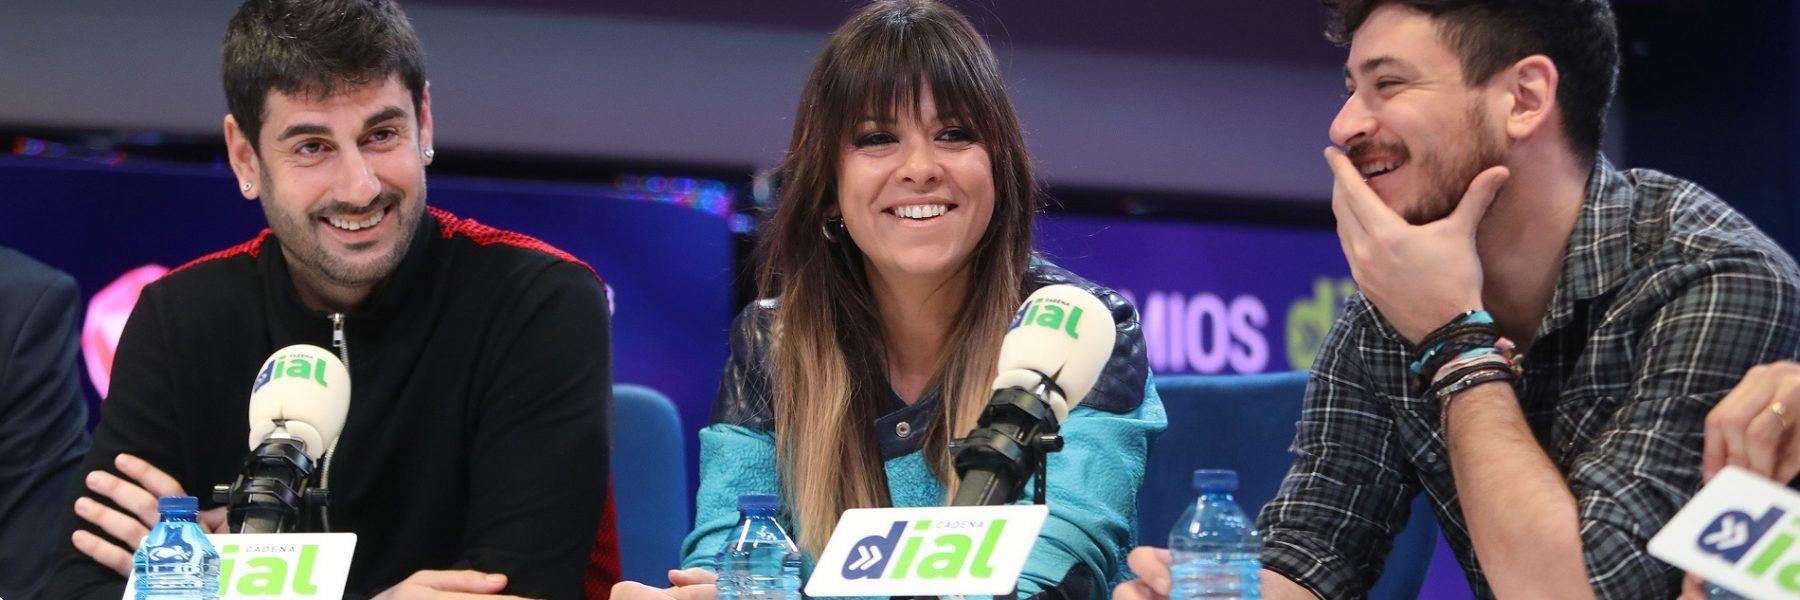 """Vanesa Martín: """"Mis letras son bastante igualitarias, independientes, de una mujer que quiere progresar, no hay que conformarse"""""""